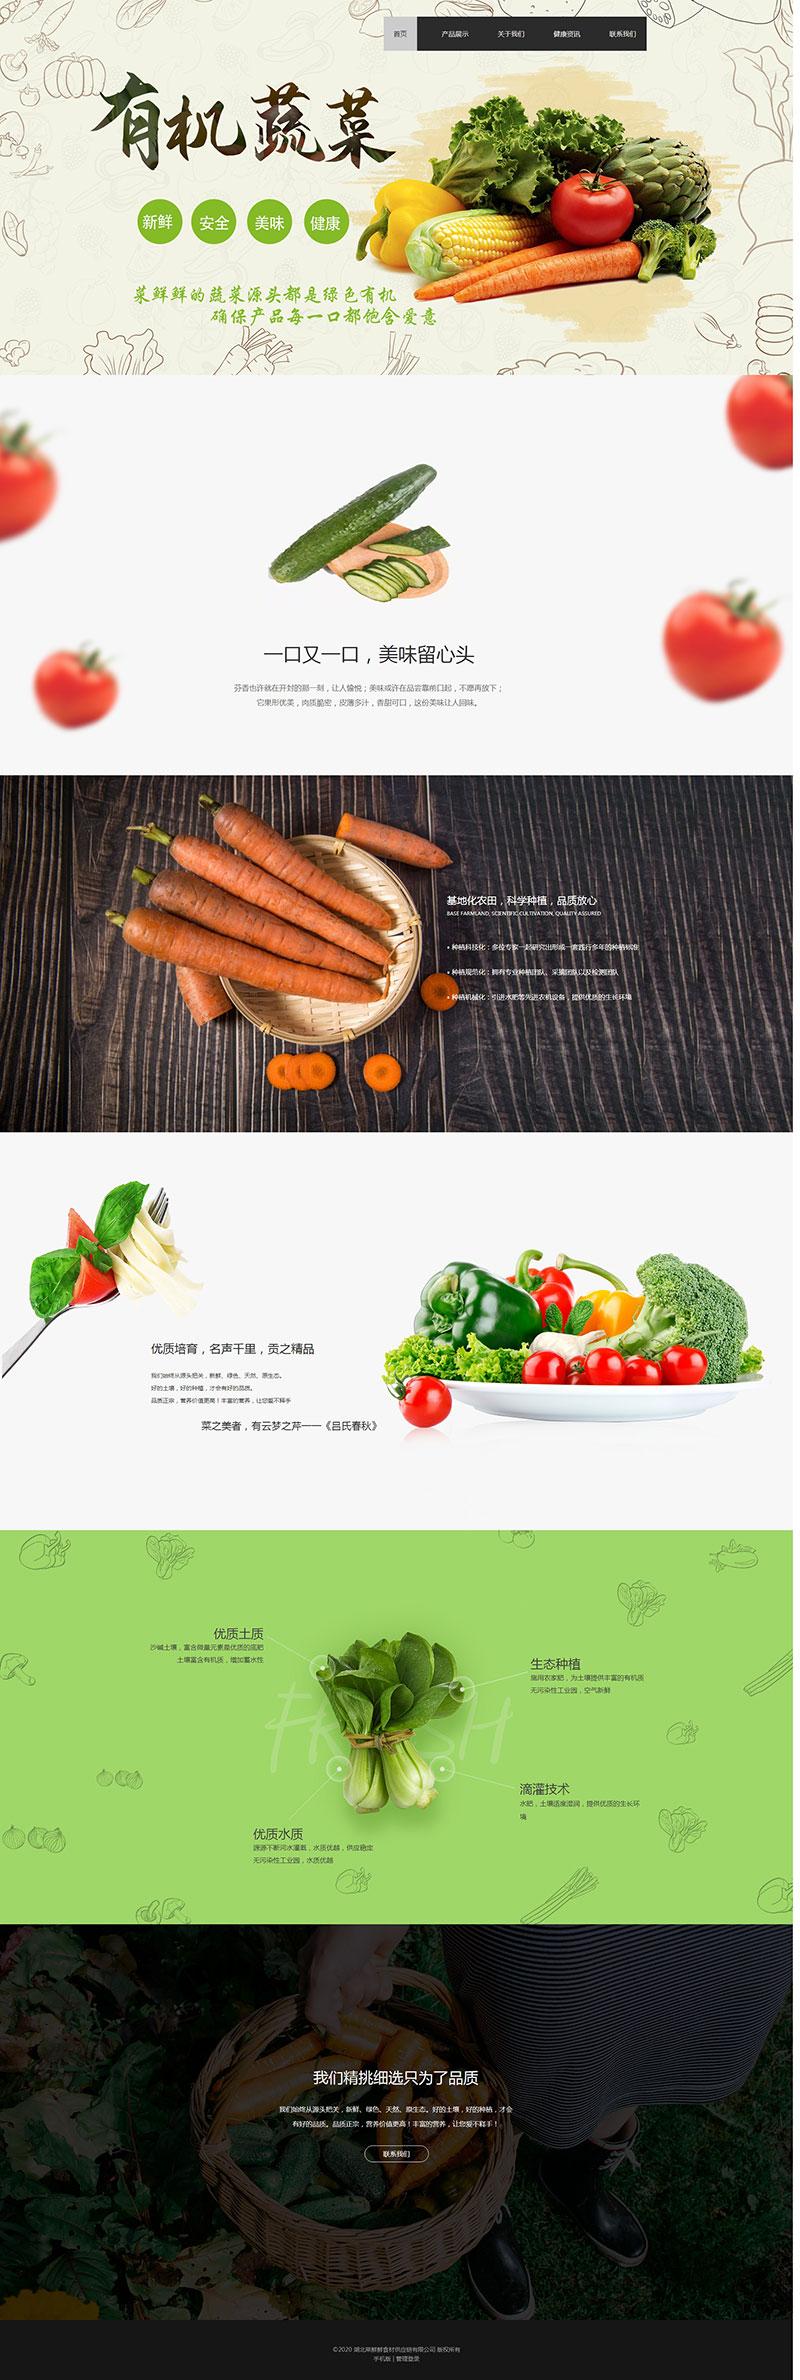 湖北新鲜蔬菜供应链有限公司